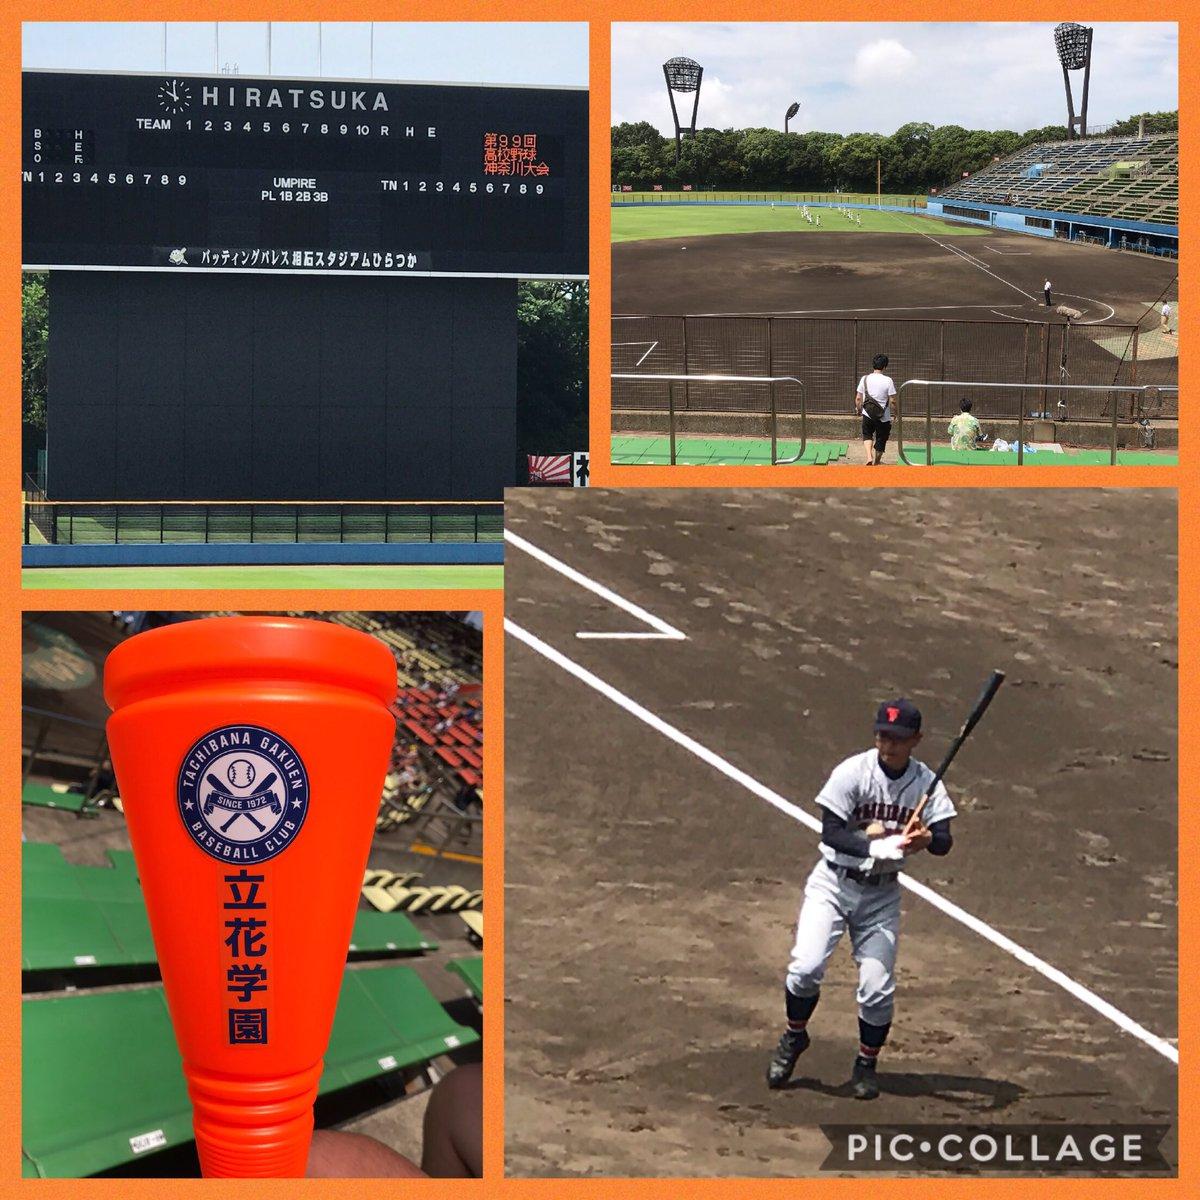 平塚学園 | 高校野球ドットコム